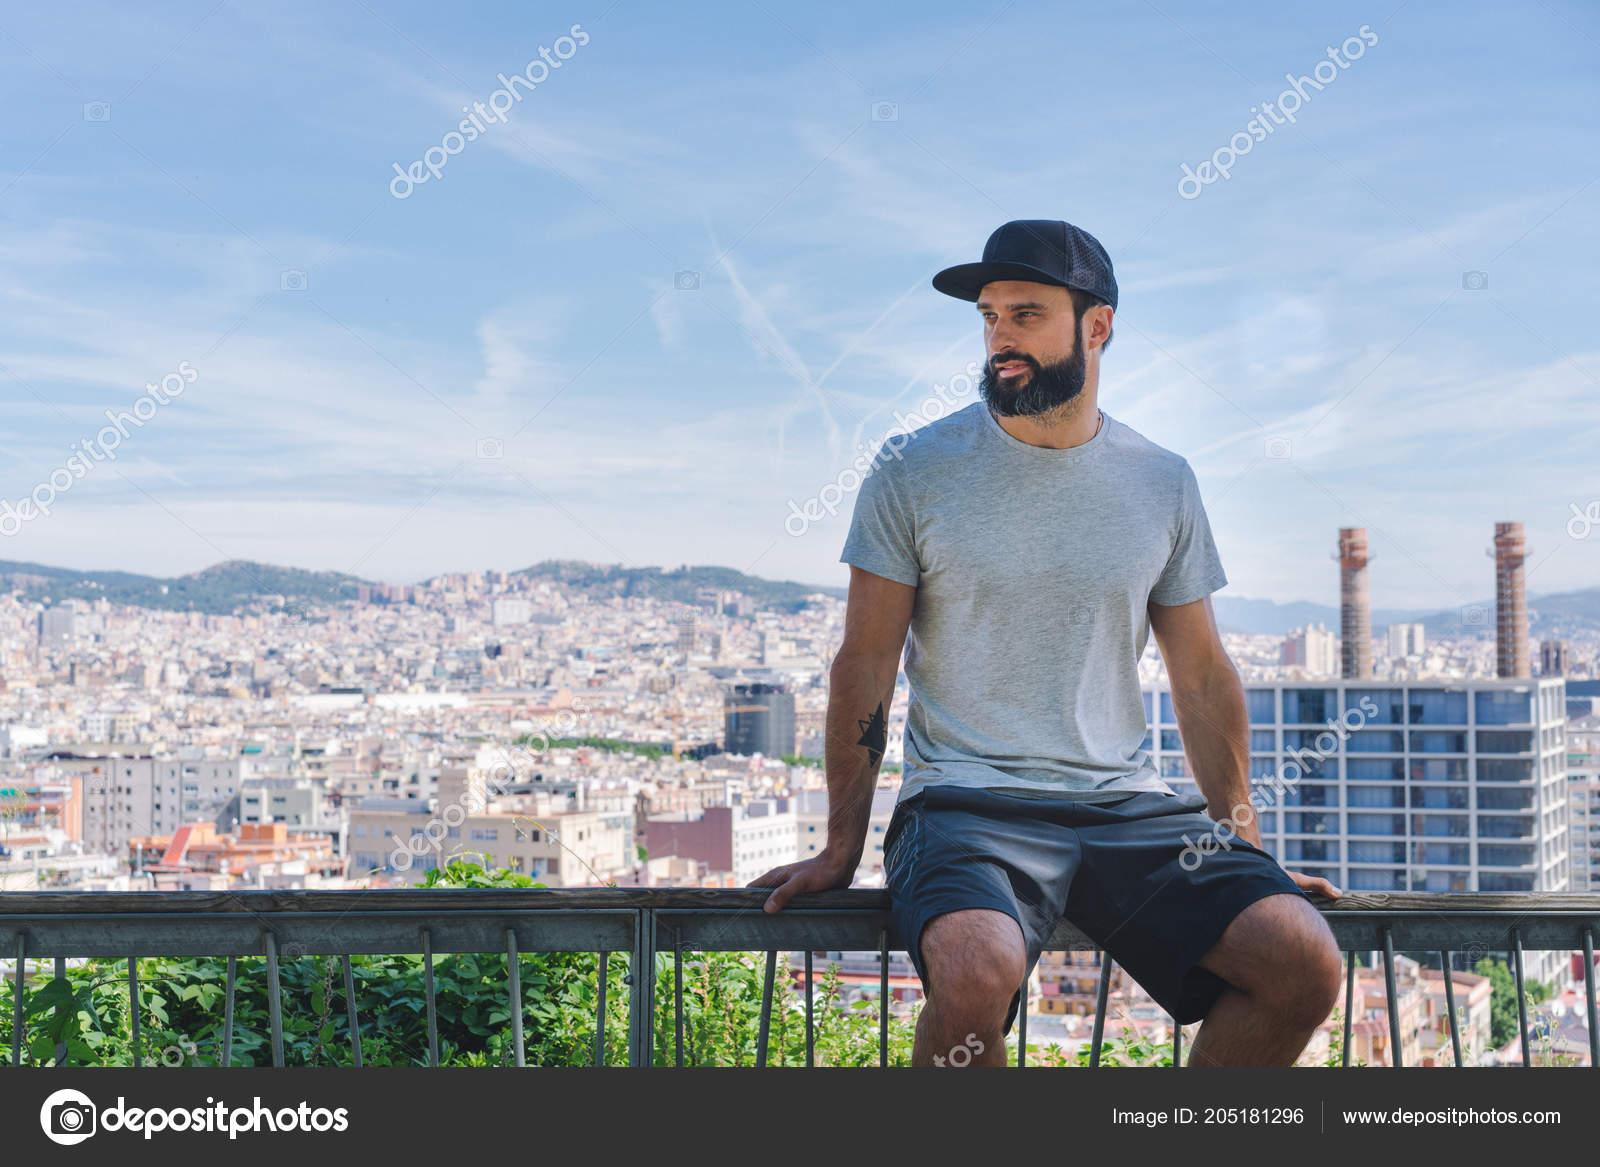 1ab6d267afbf0 Modelo de homem barbudo hipster muscular usando cinza t-shirt em branco e  um boné preto com espaço para seu logotipo ou desenho em estilo urbano  casual ...